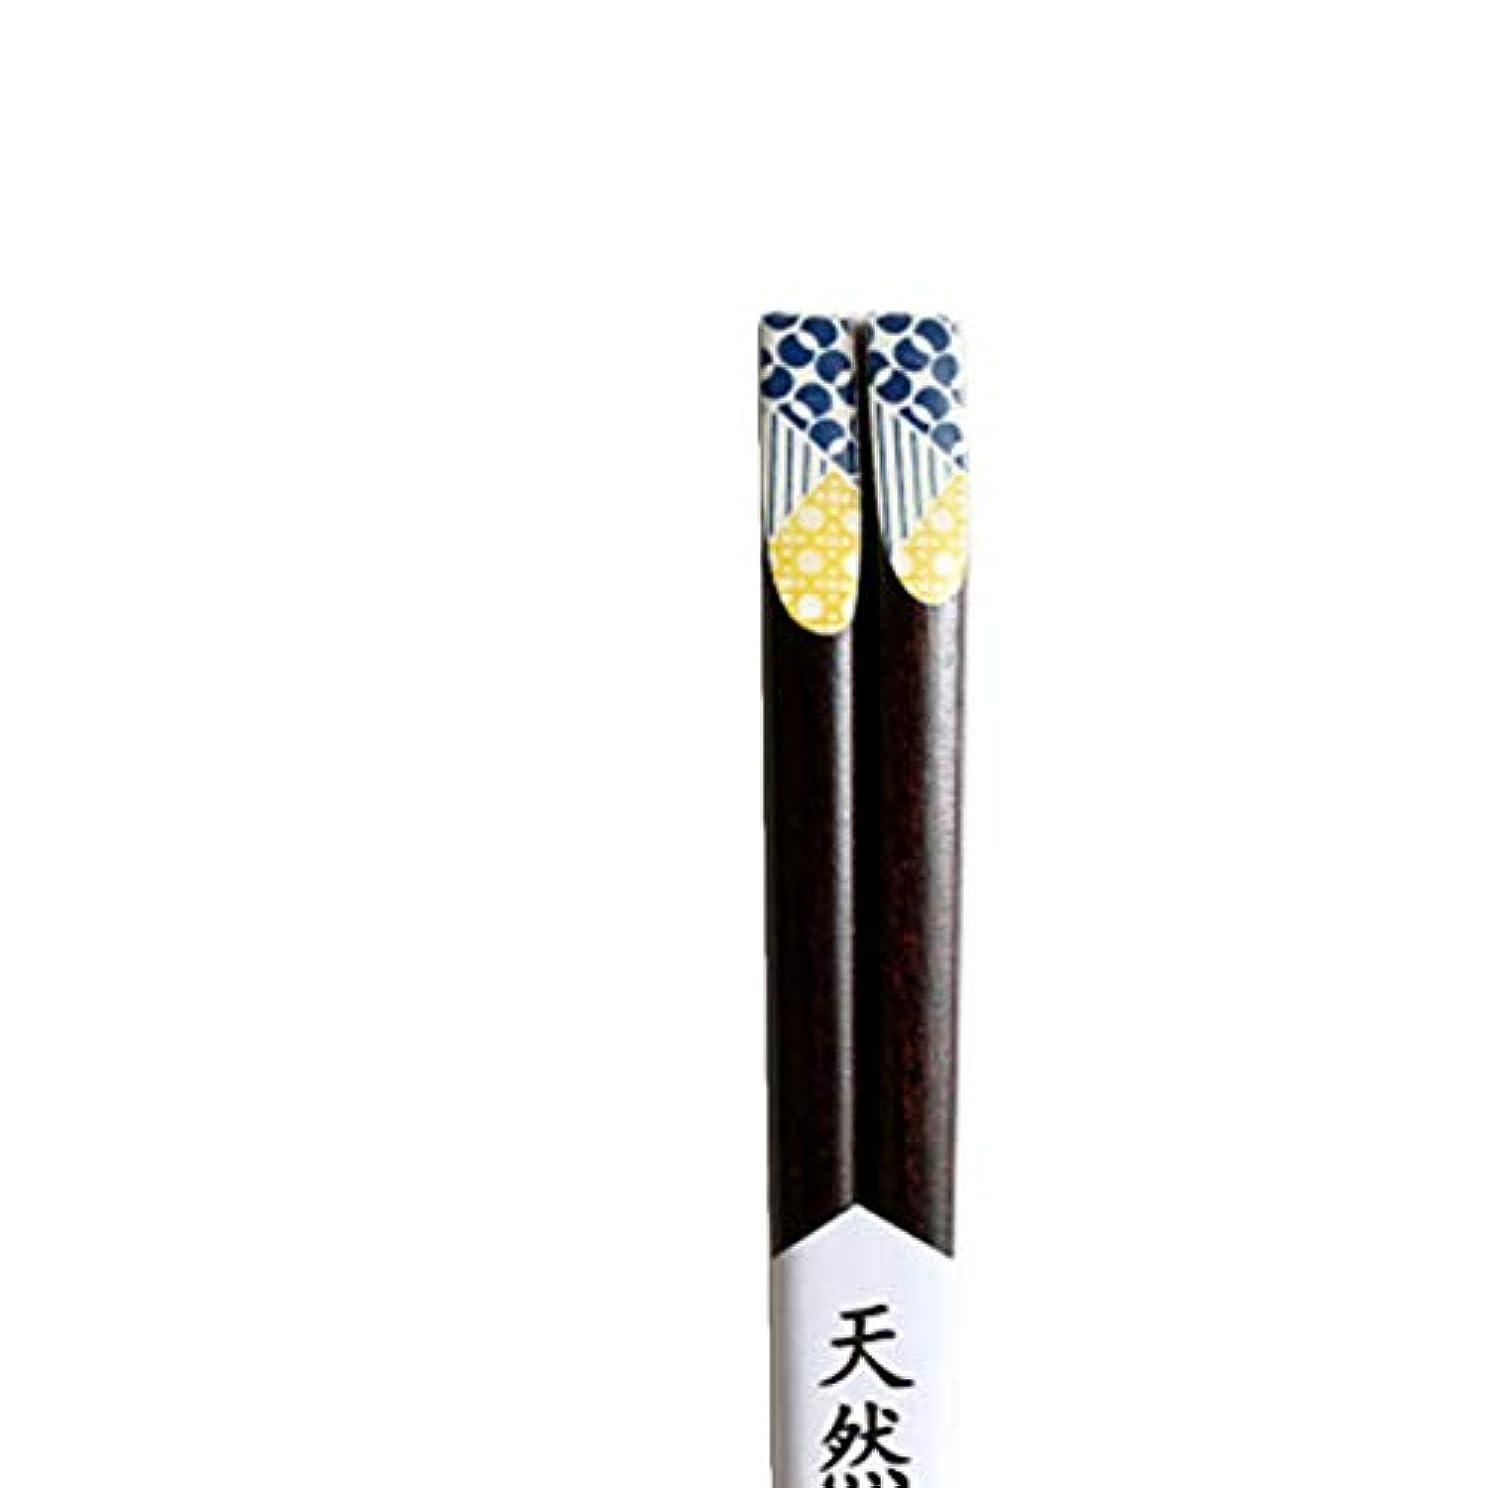 同封するケーブルカーぴったりYoshilimen ホームアクセサリーアクセサリー木製木箸木箸(None Blue and yellow dot mixing)